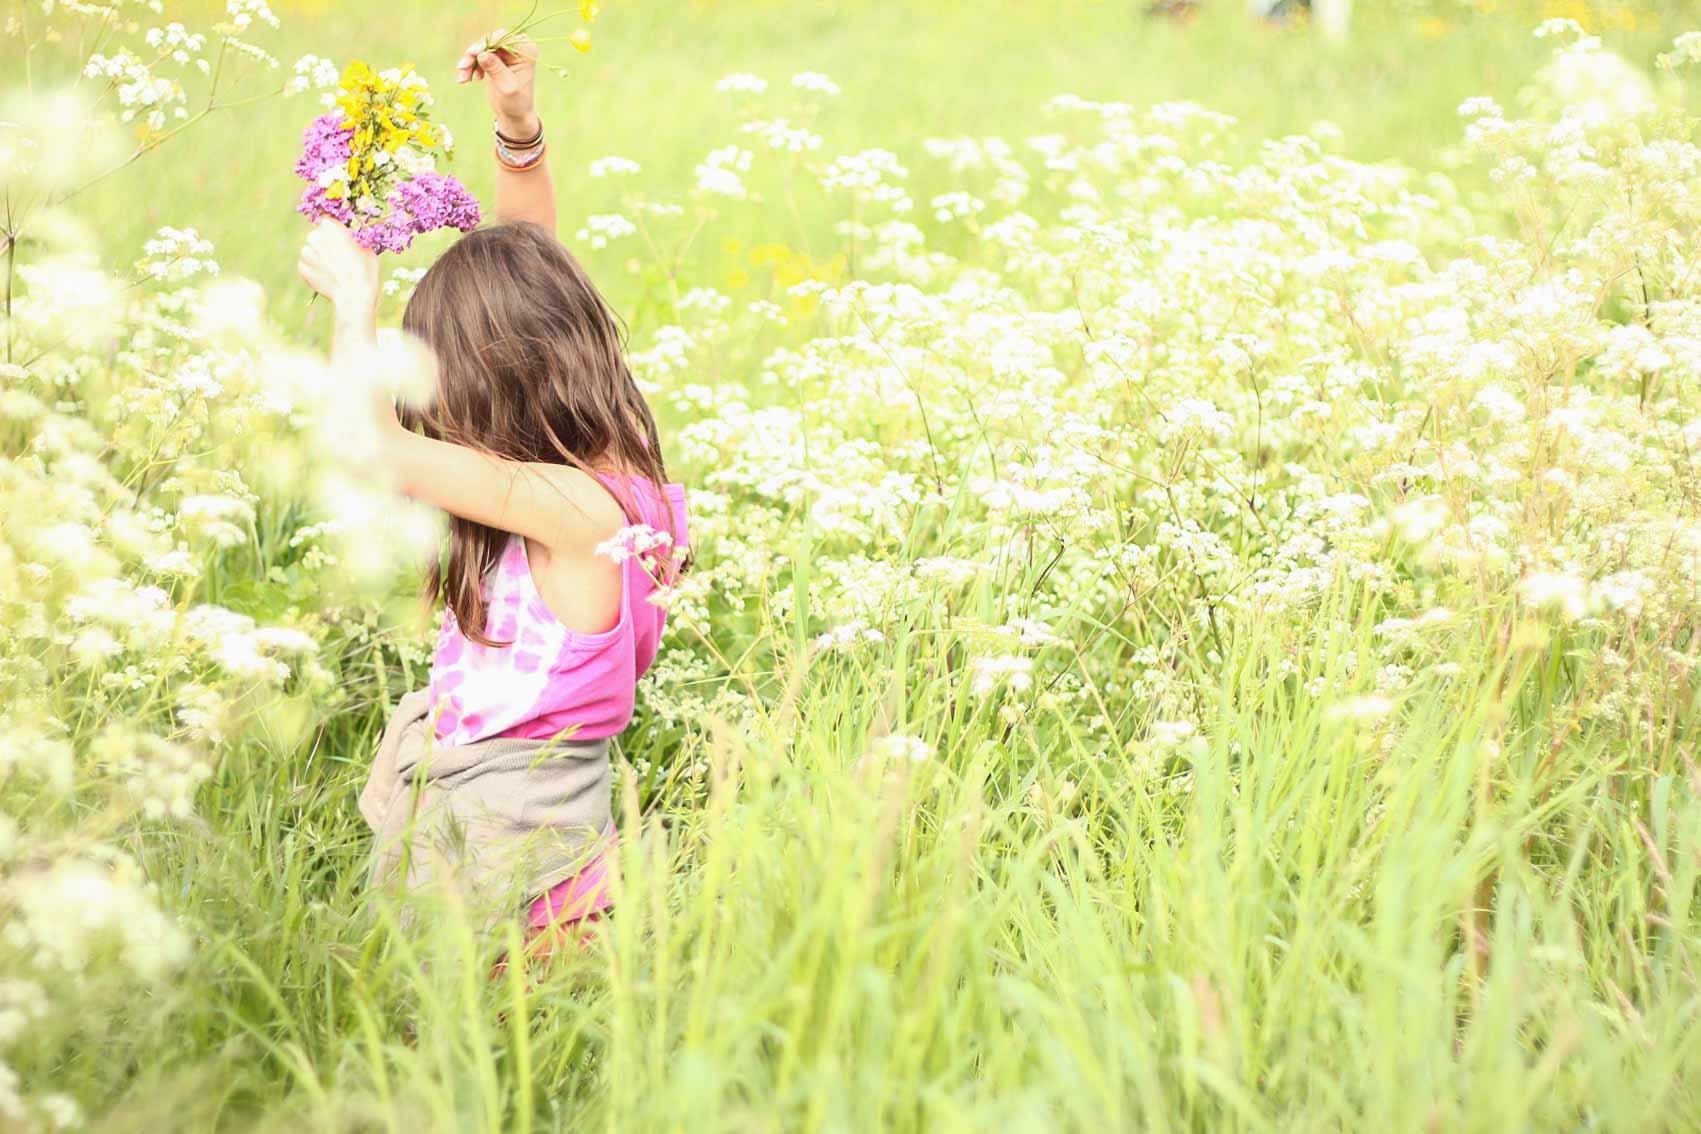 Danse dans les fleurs